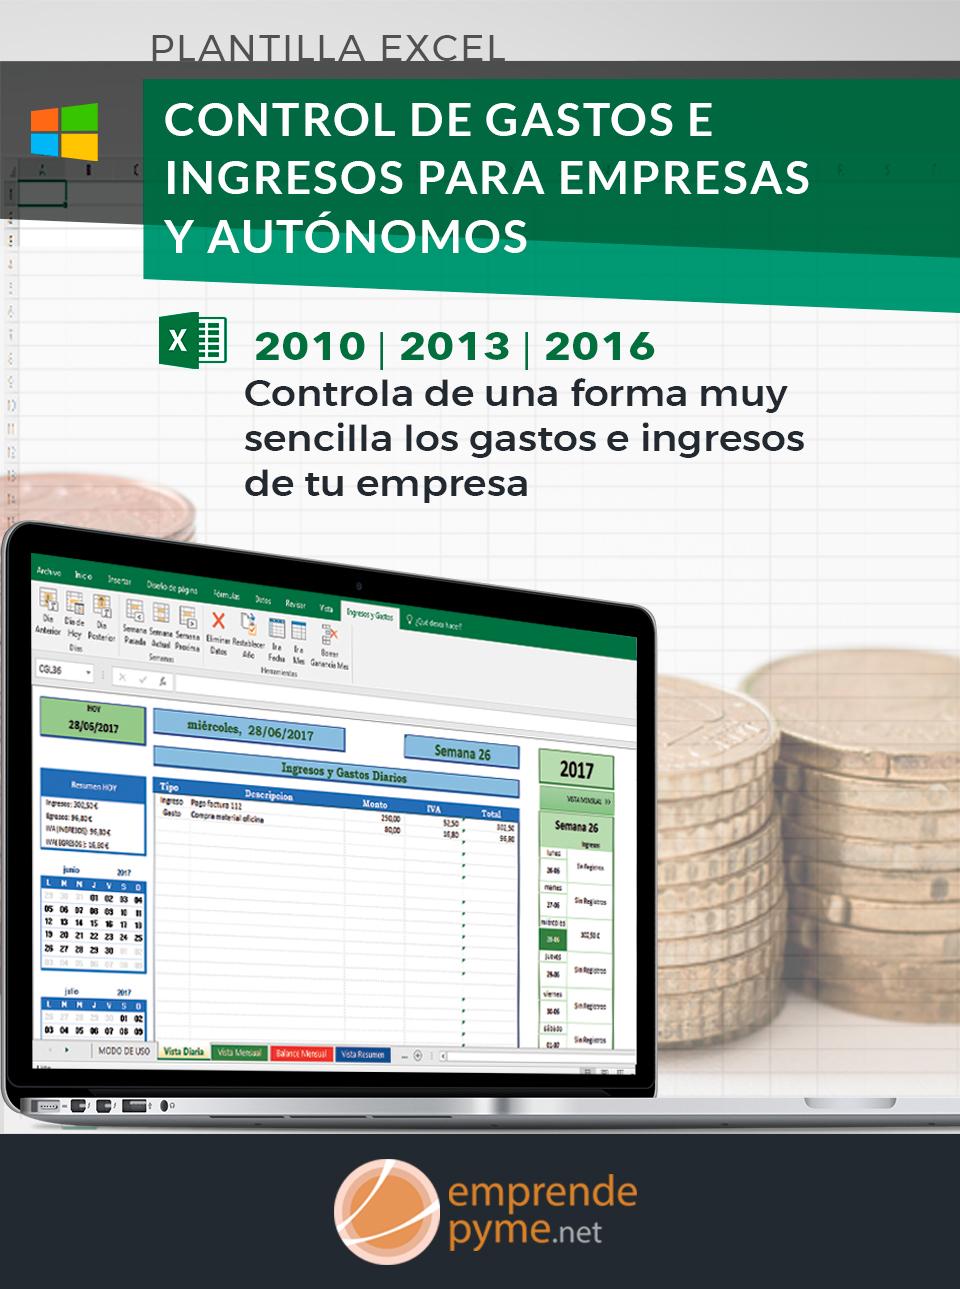 Control de gastos e ingresos